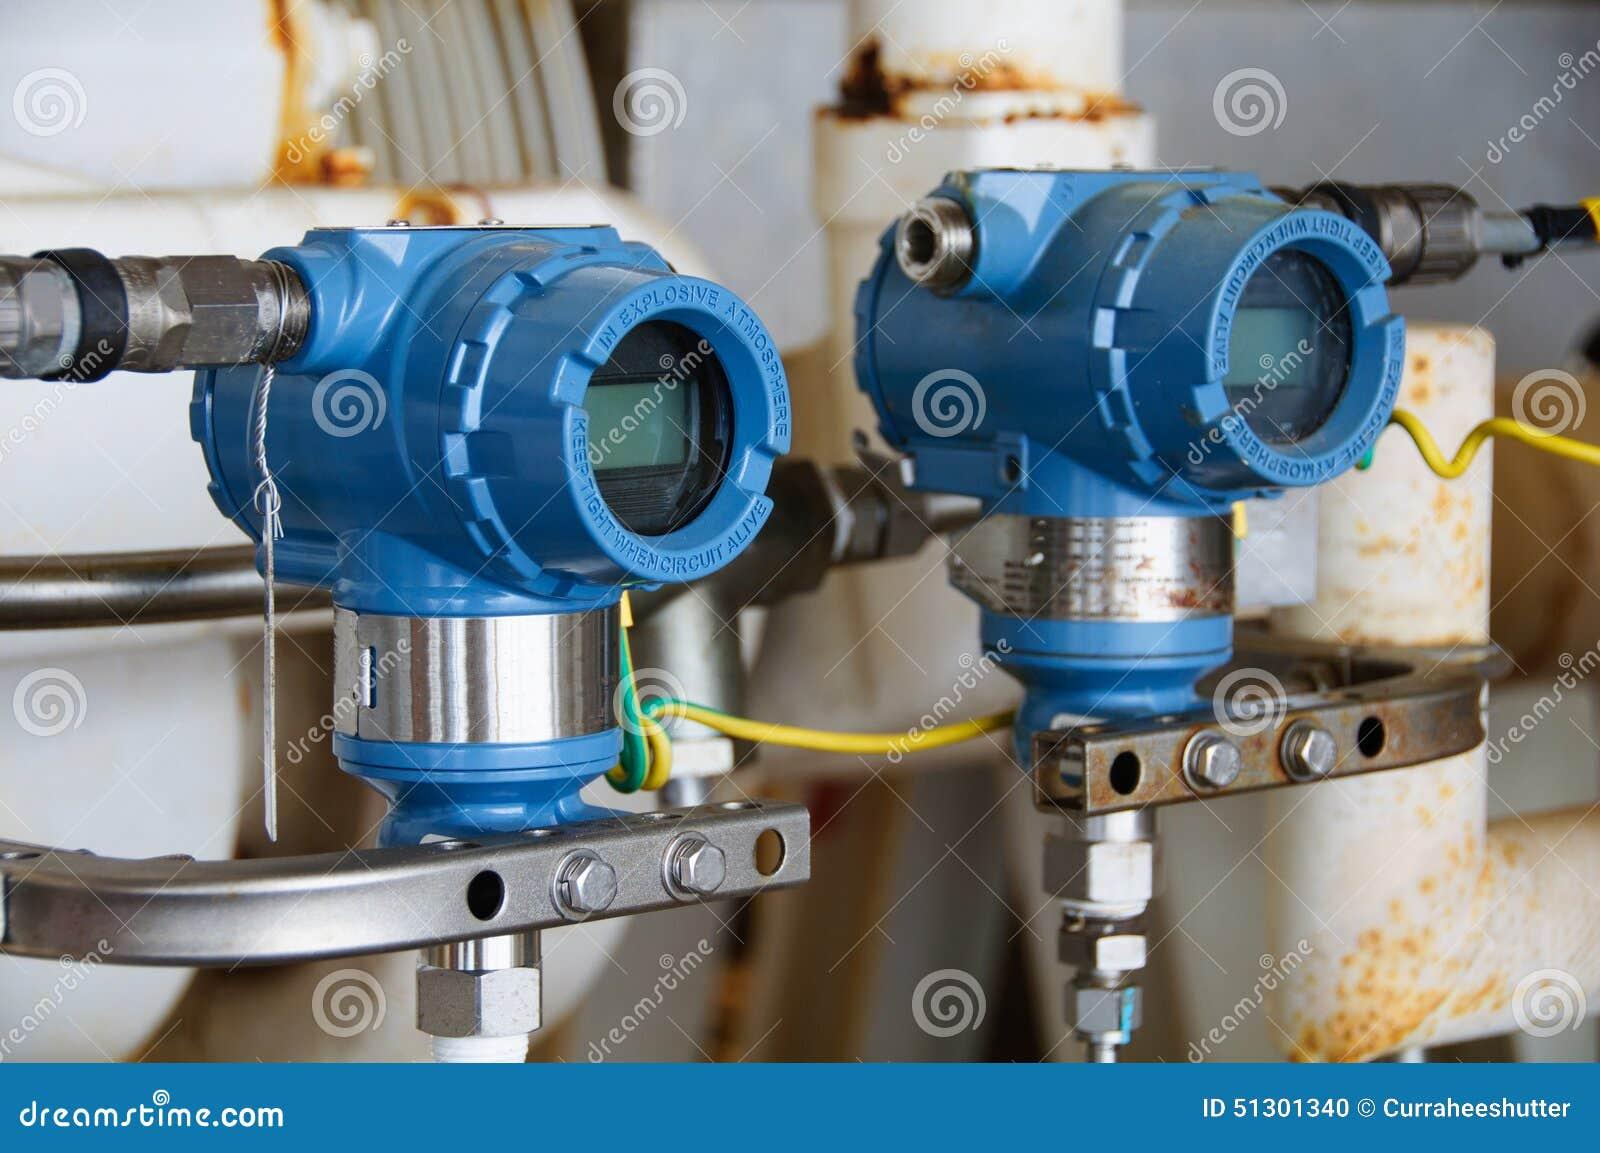 Передатчик давления в процесс нефти и газ, посылает сигнал к давлению регулятора и чтения в системе